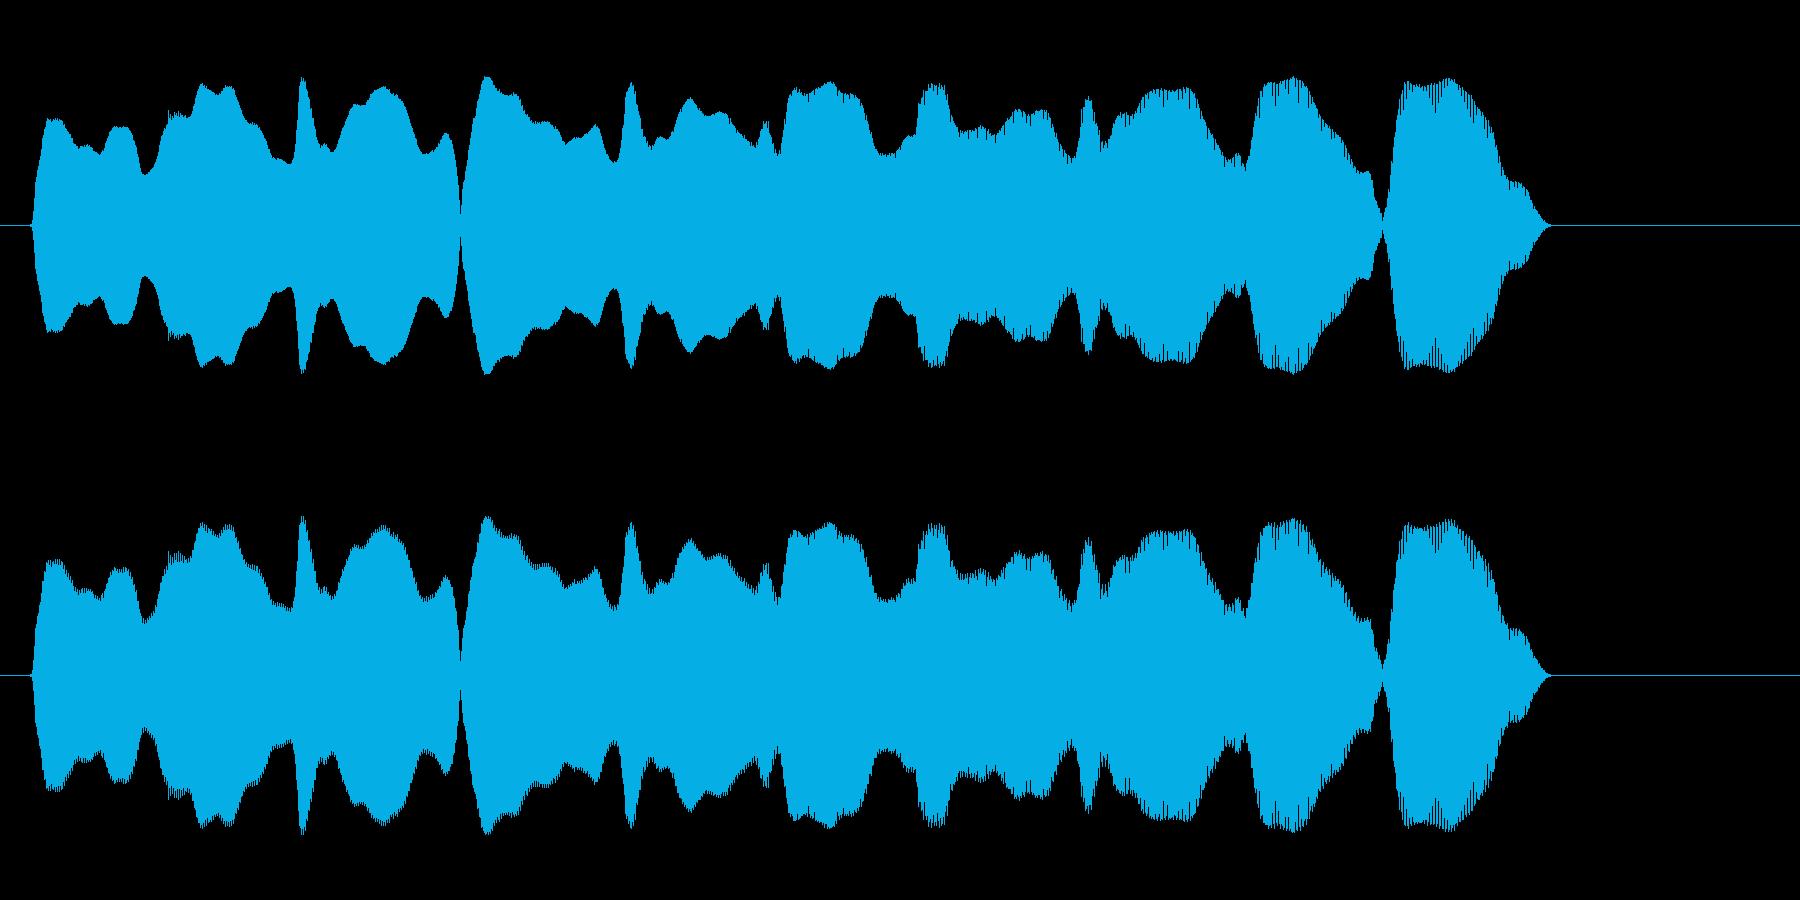 ピュロロロ(落下のコミカルな効果音)の再生済みの波形